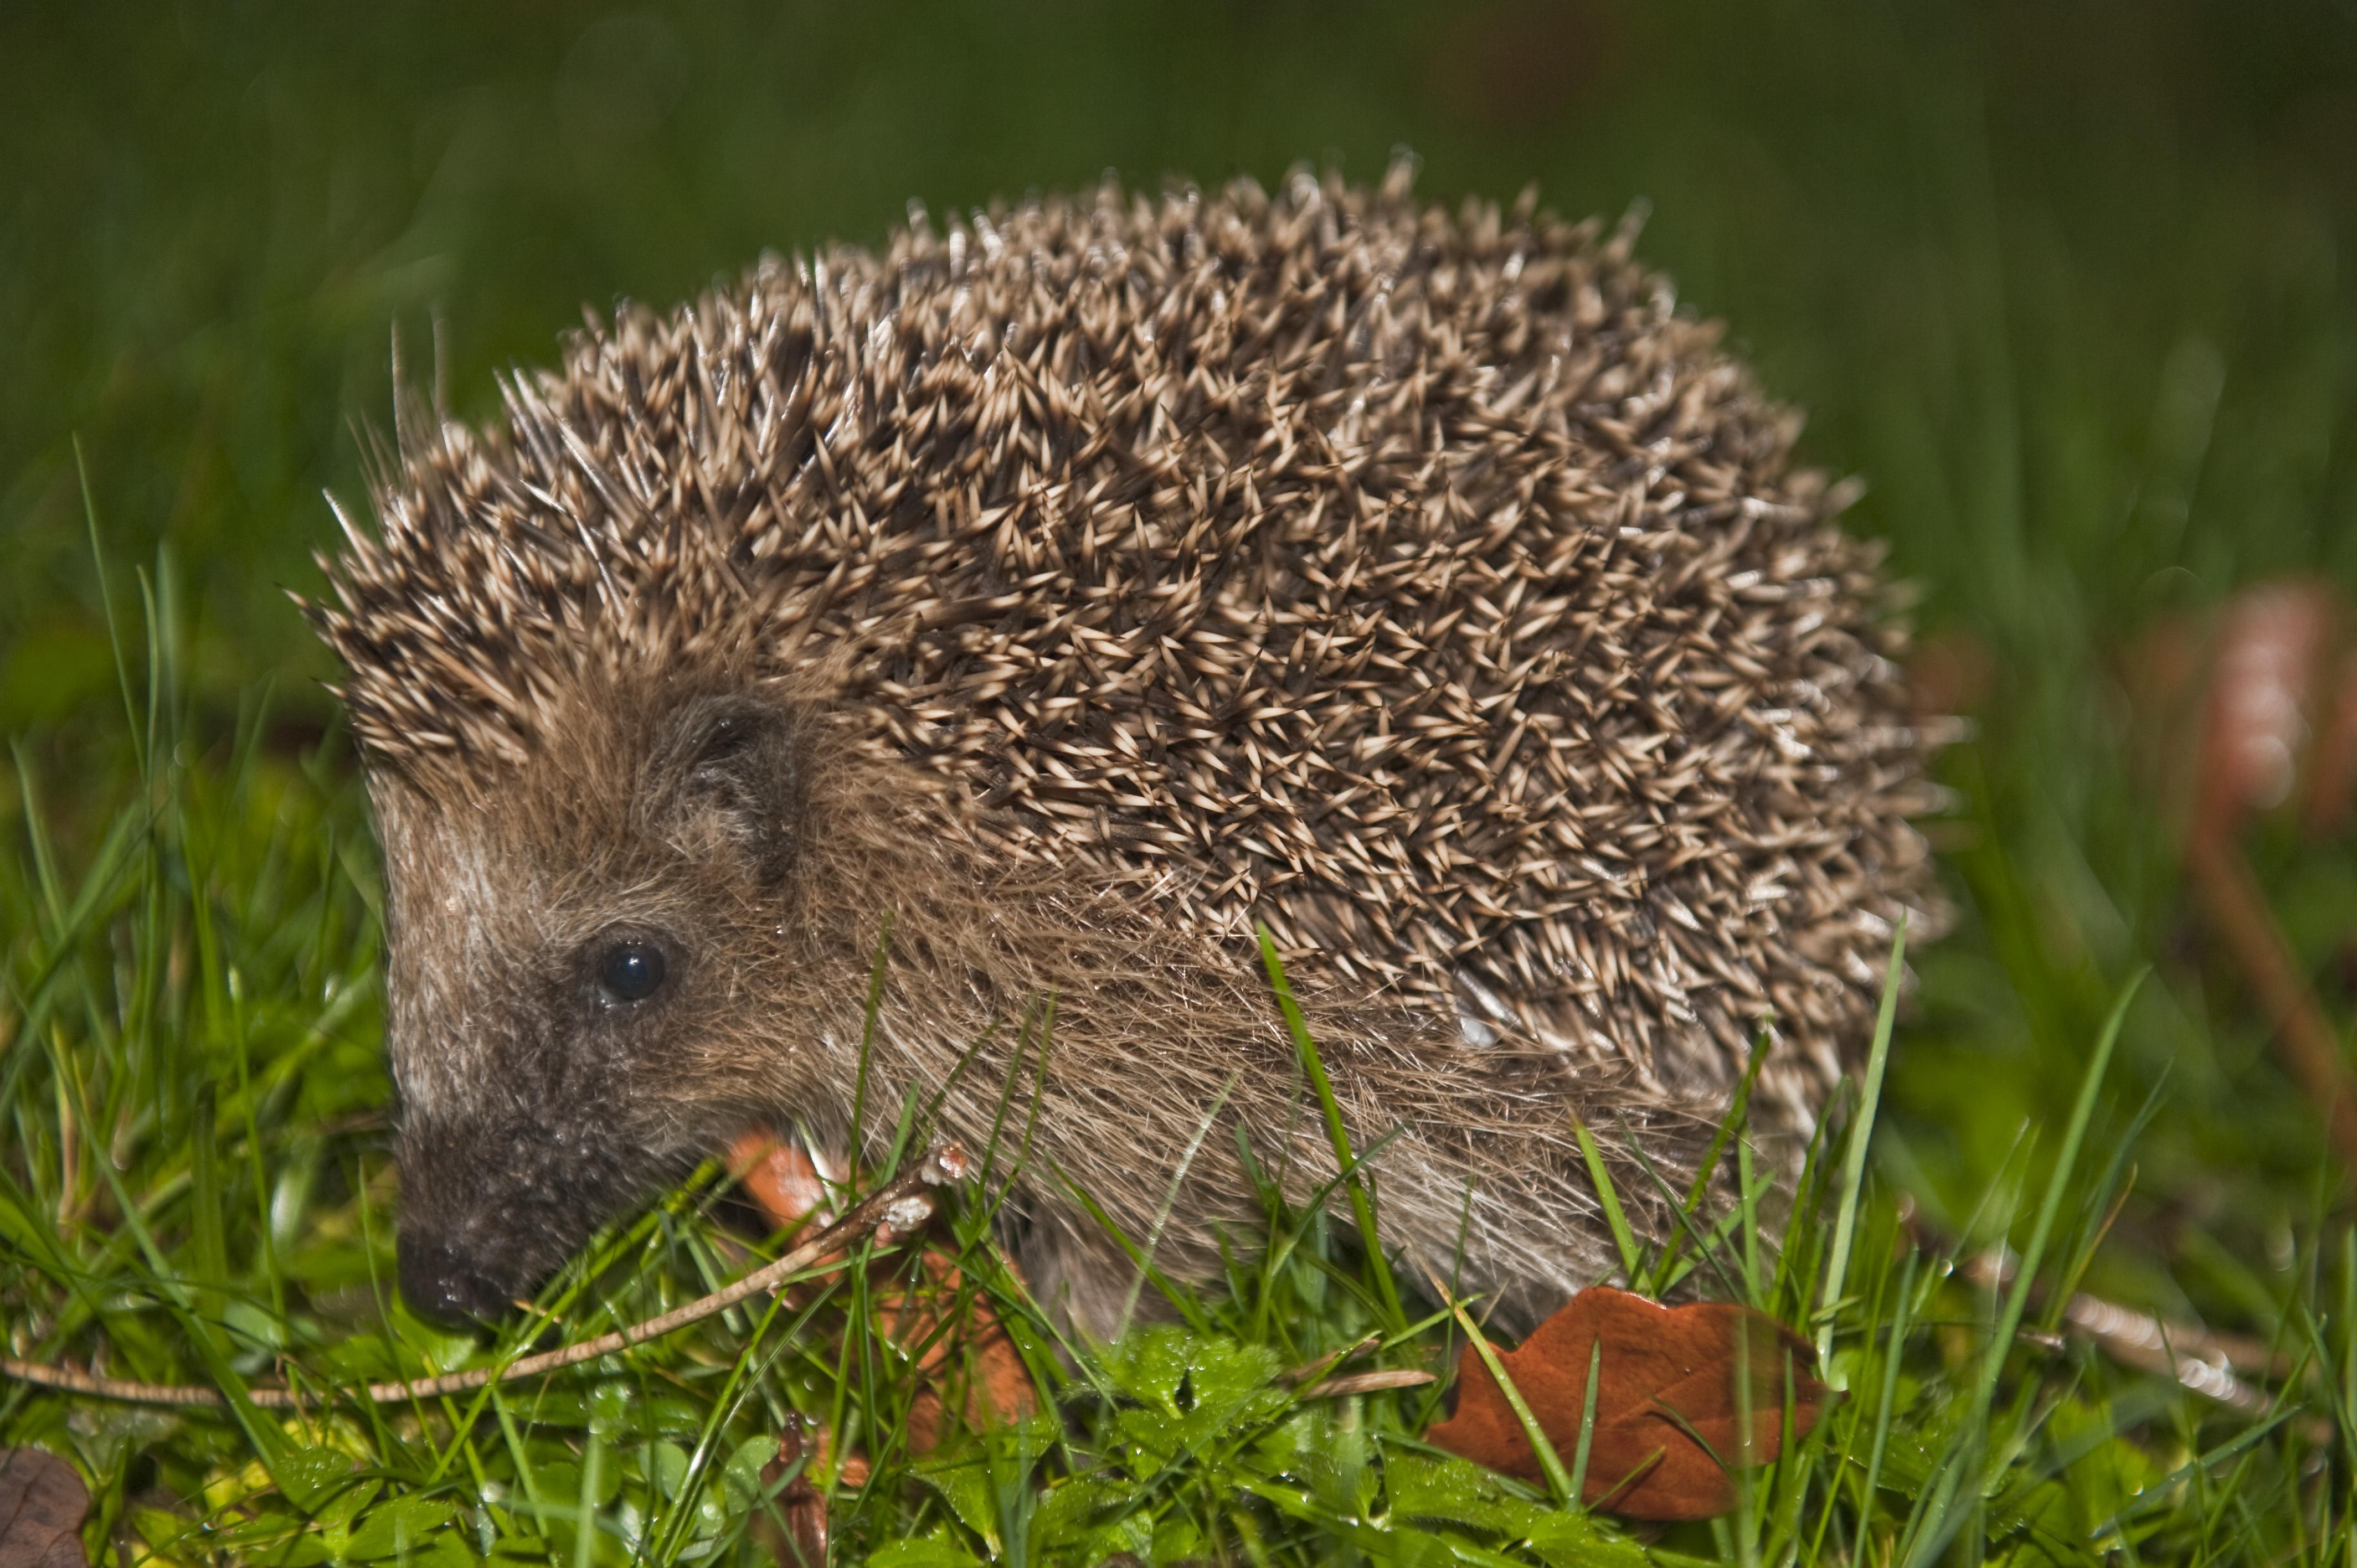 Listă Animale Sălbatice România Mamiferele Care Populează